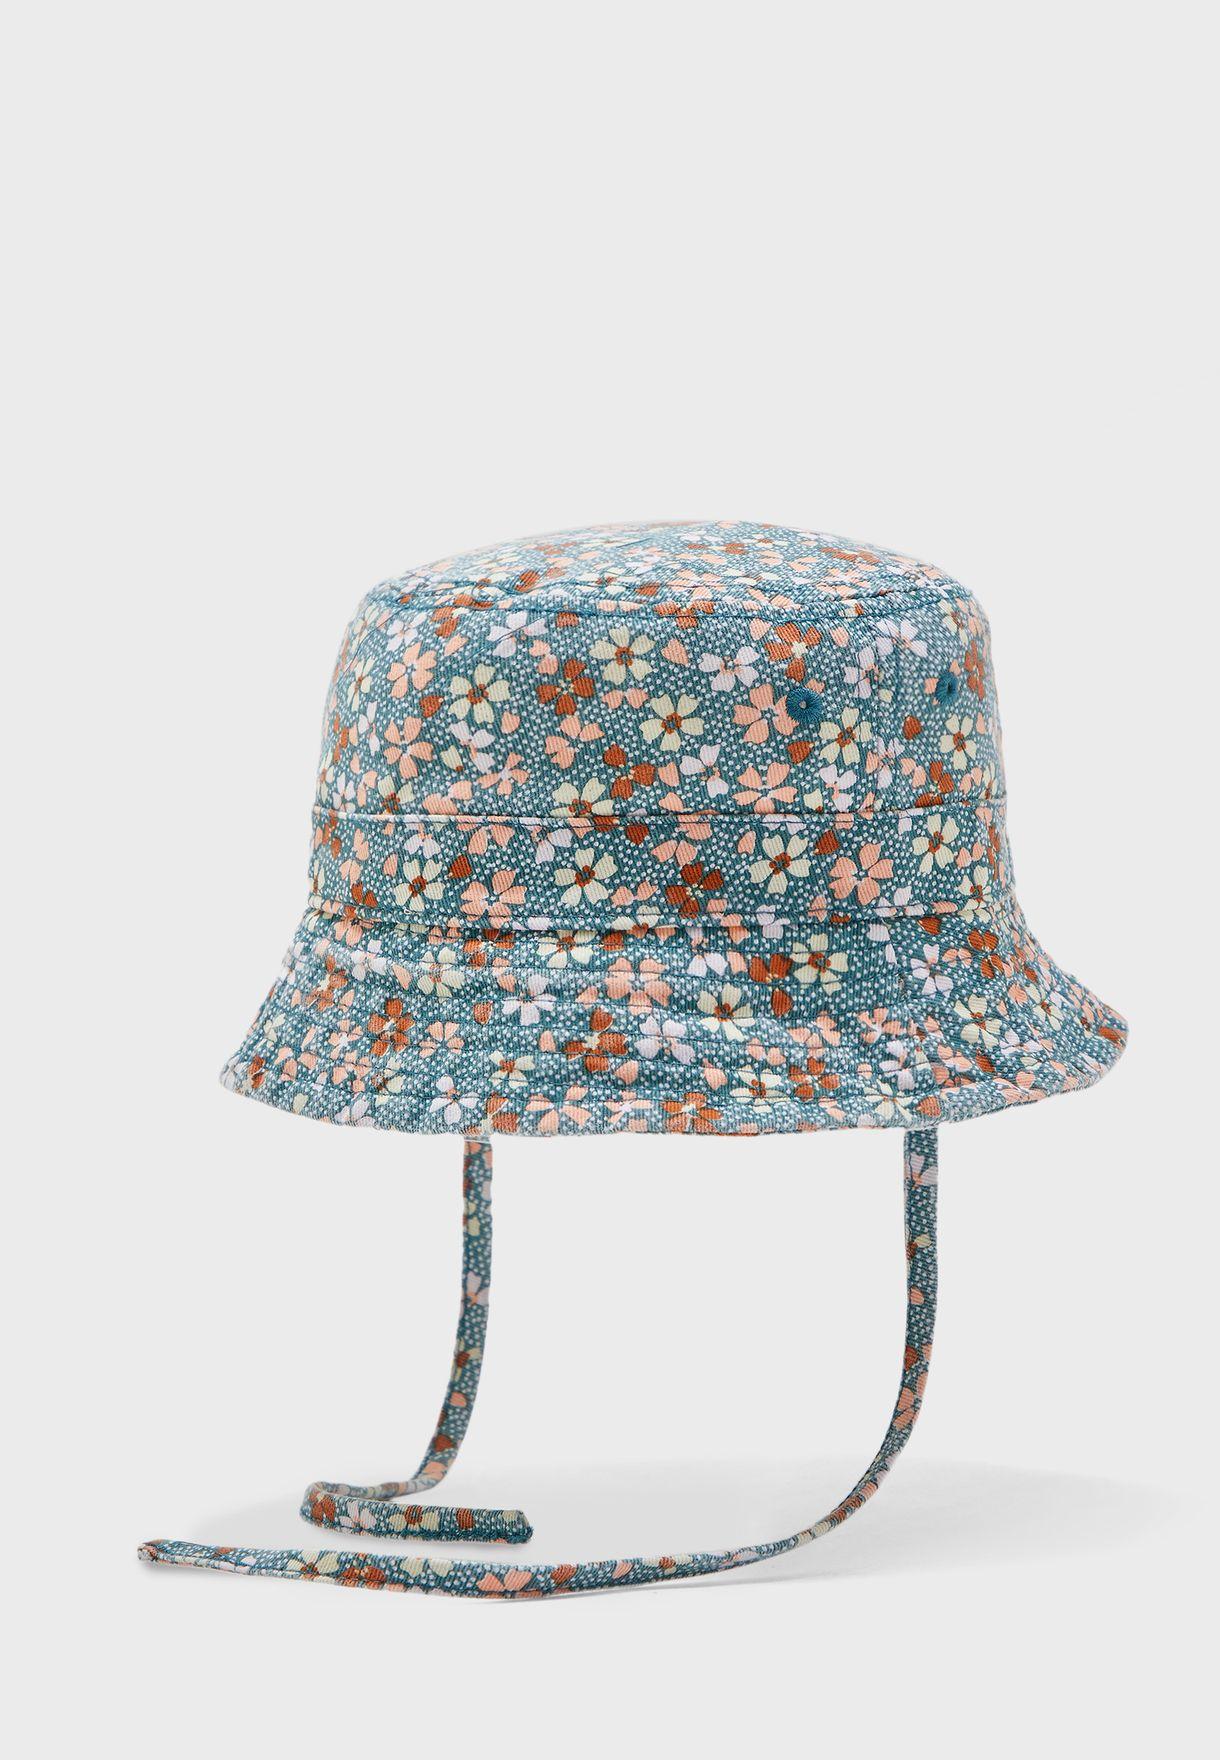 قبعة اطفال بطبعات ازهار